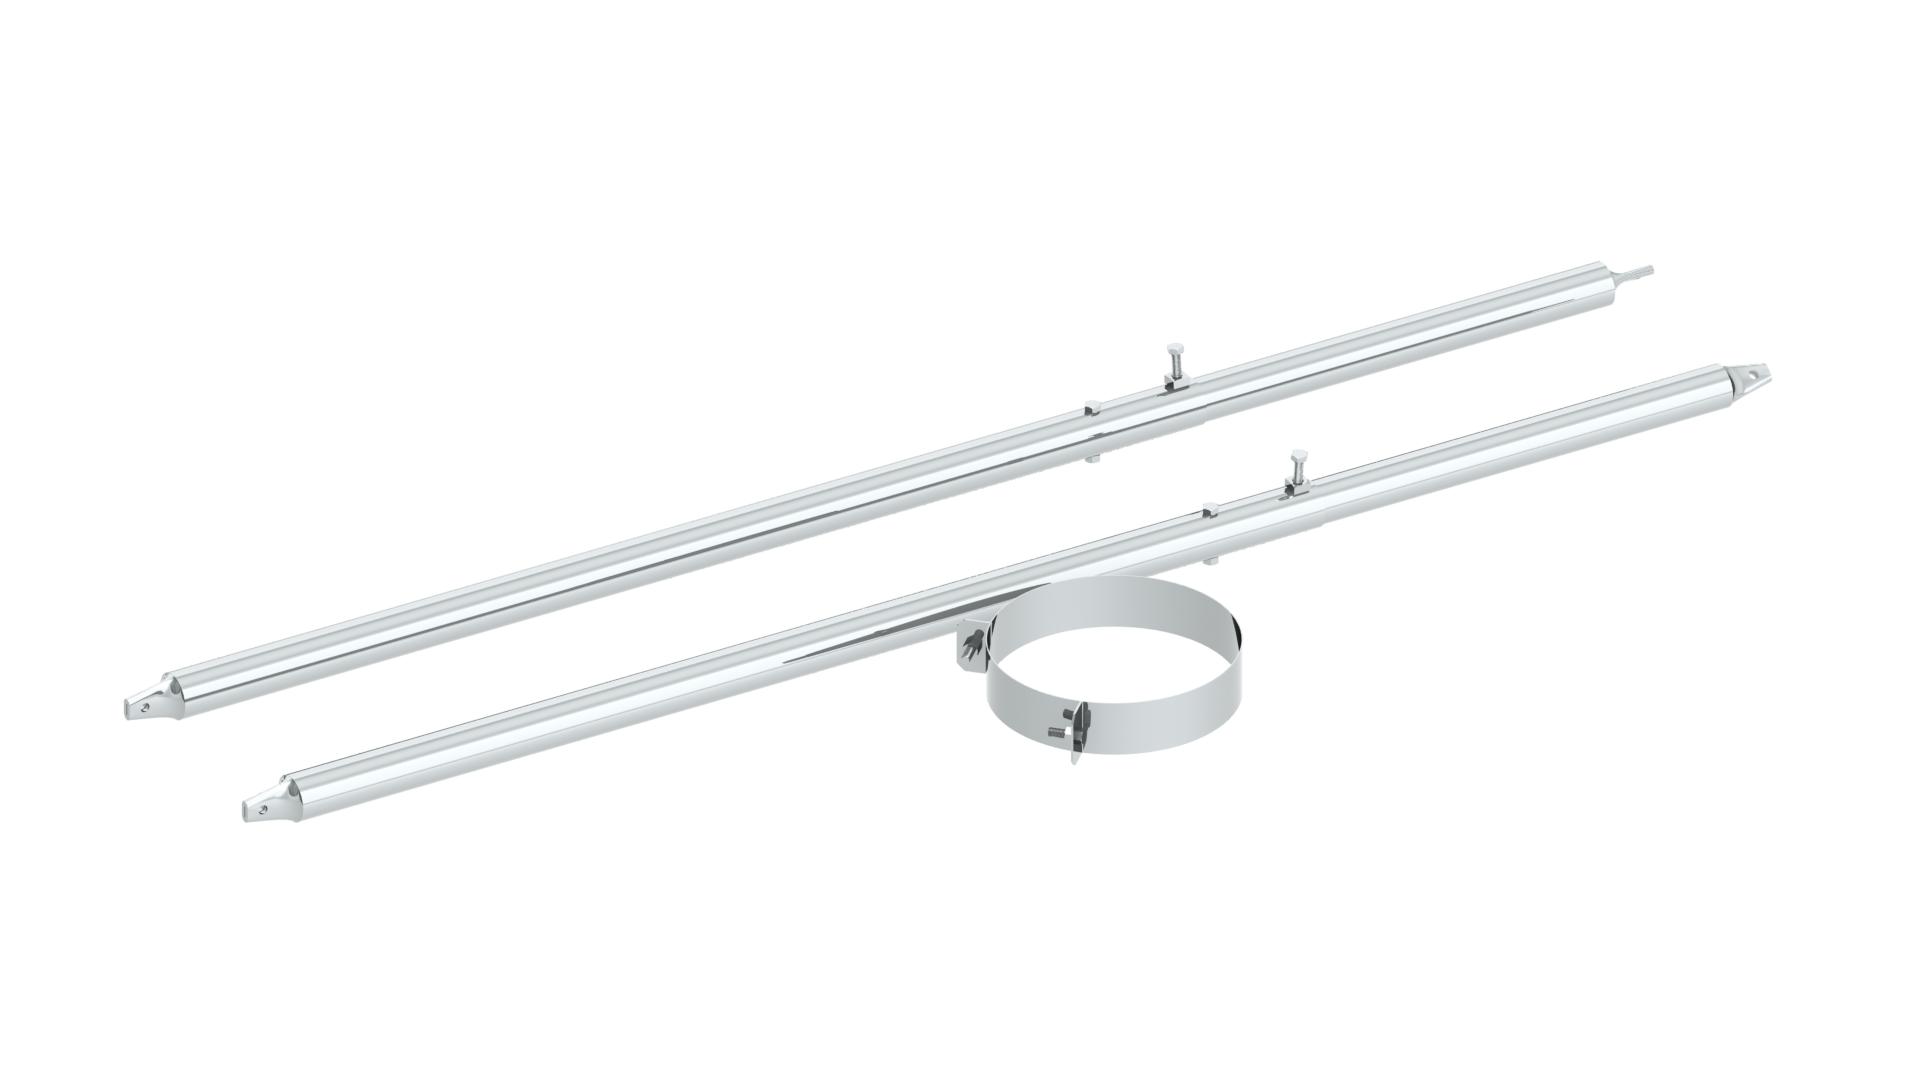 Edelstahlschornstein - 2-Punktabspannung mit Rundrohr verschiedene Längen verstärkte Ausführung für DW-FU